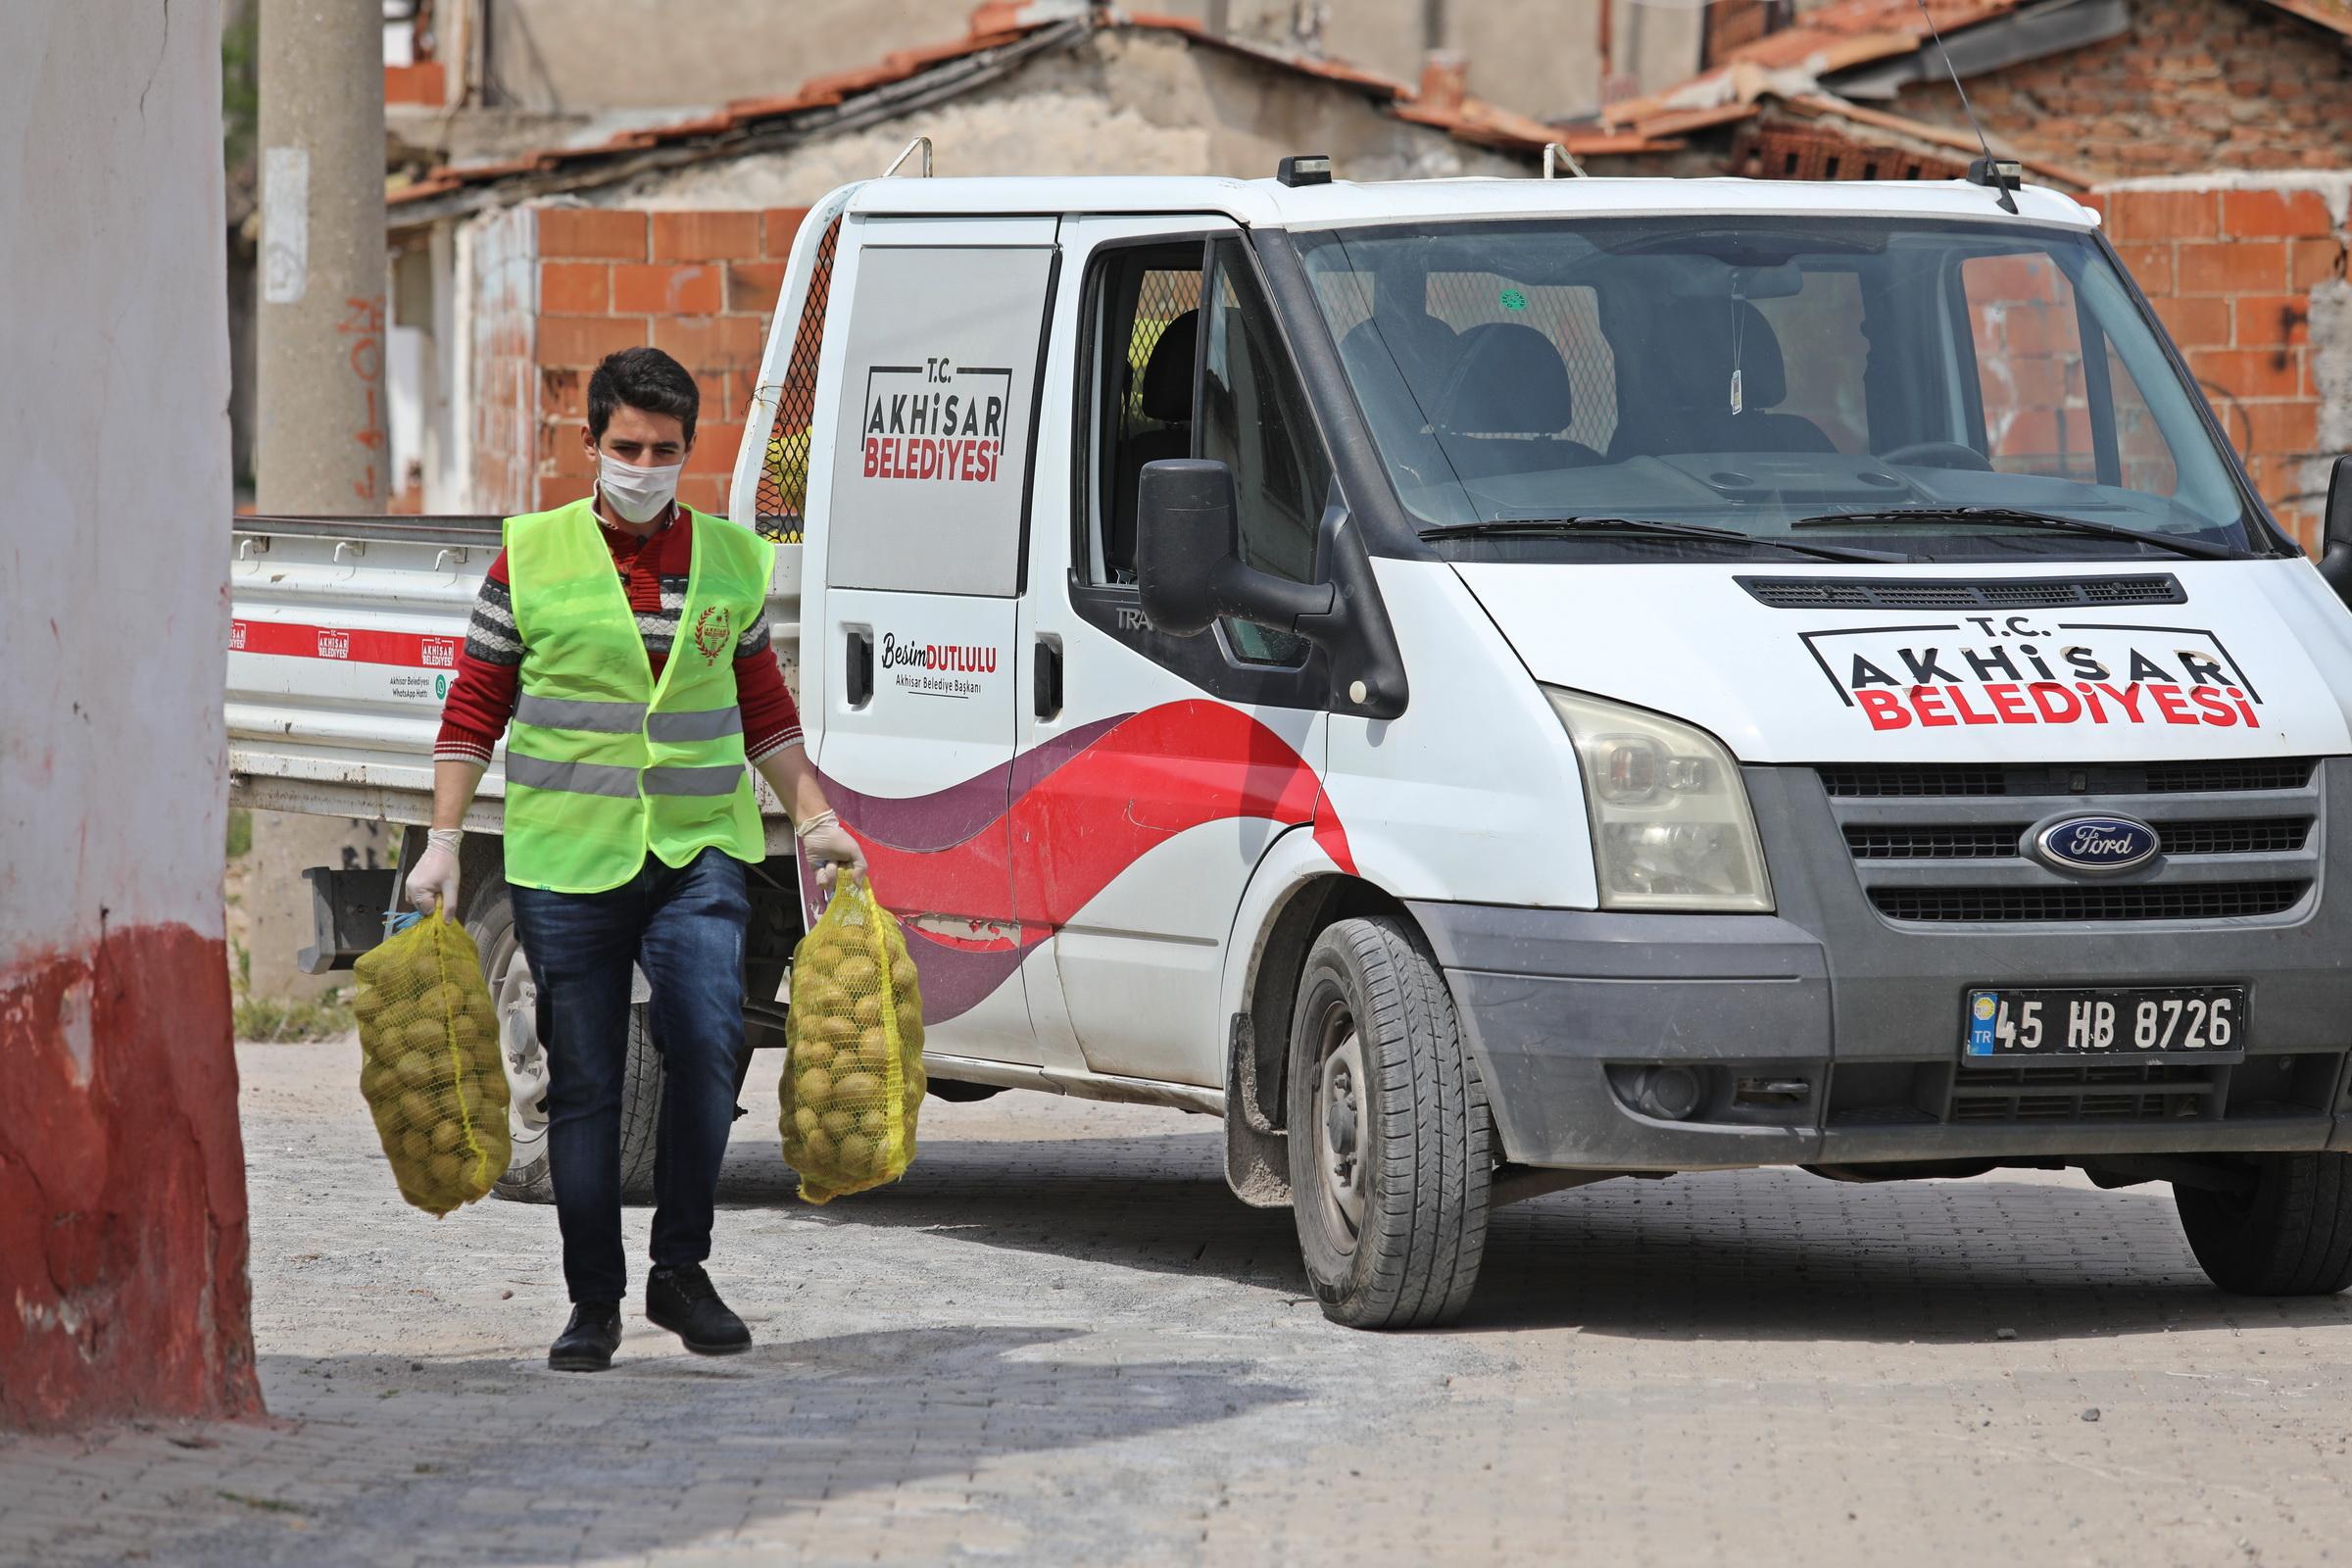 Akhisar'da İhtiyaç Sahiplerine Ücretsiz Patates Dağıtımı